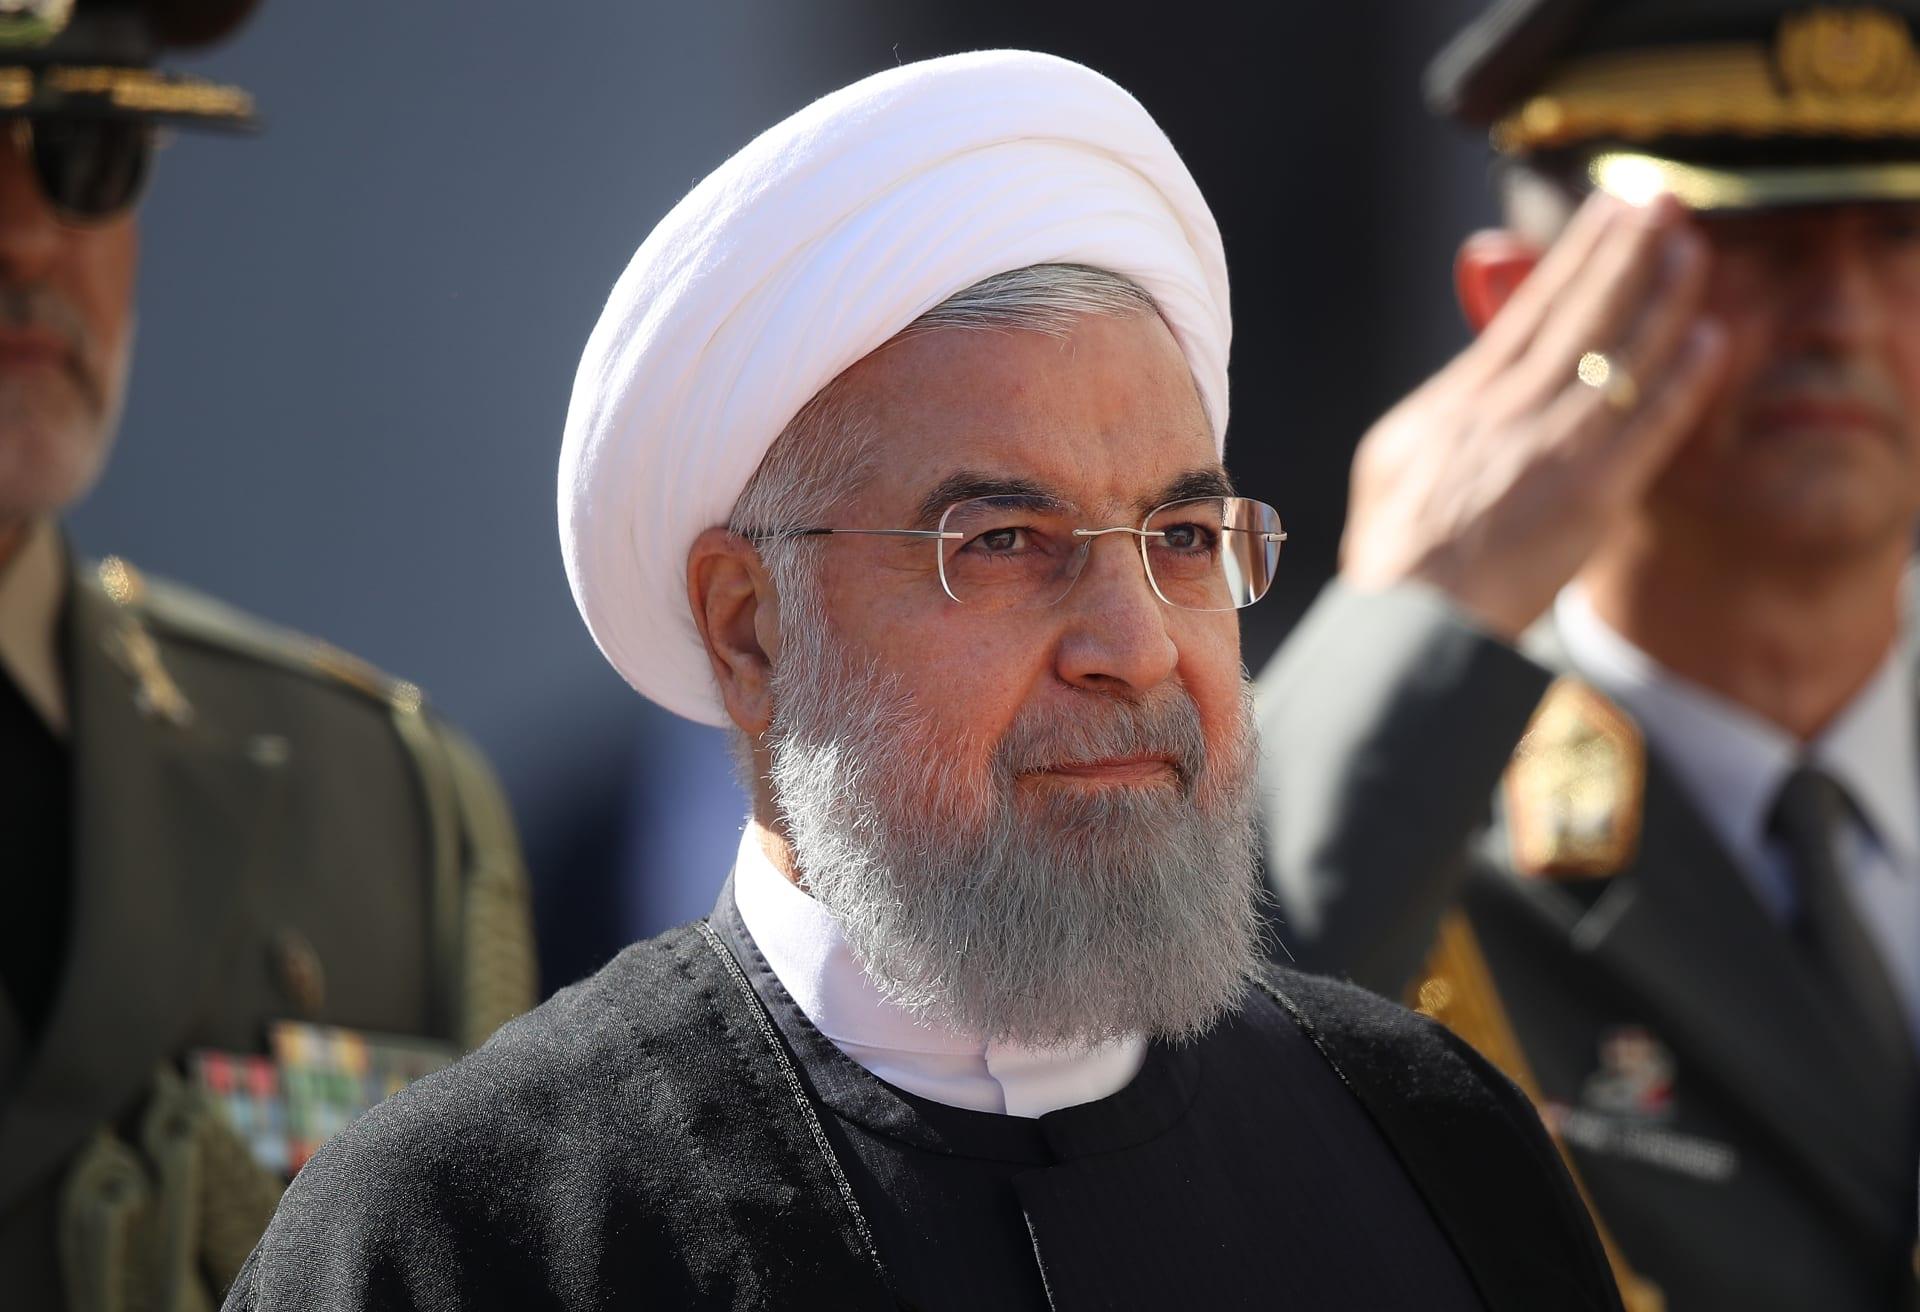 صورة أرشيفية للرئيس الإيراني، حسن روحاني